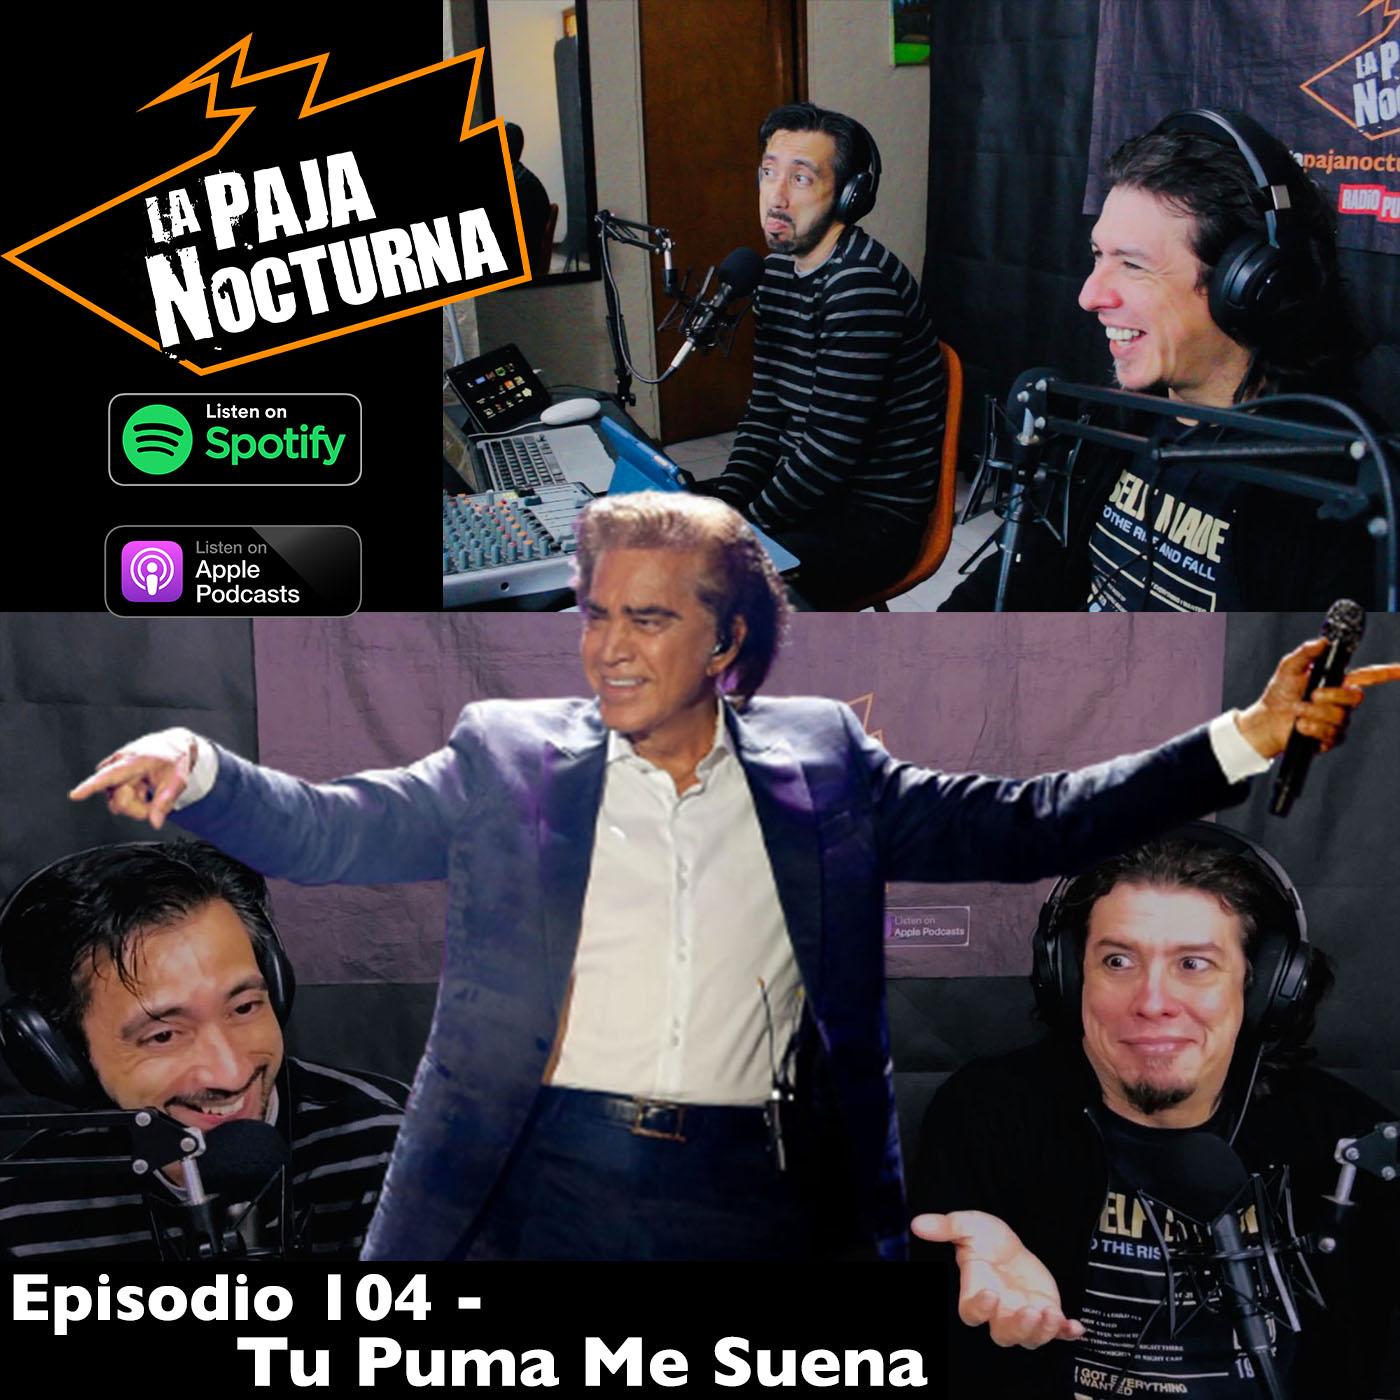 La paja nocturna podcast Episodio 104